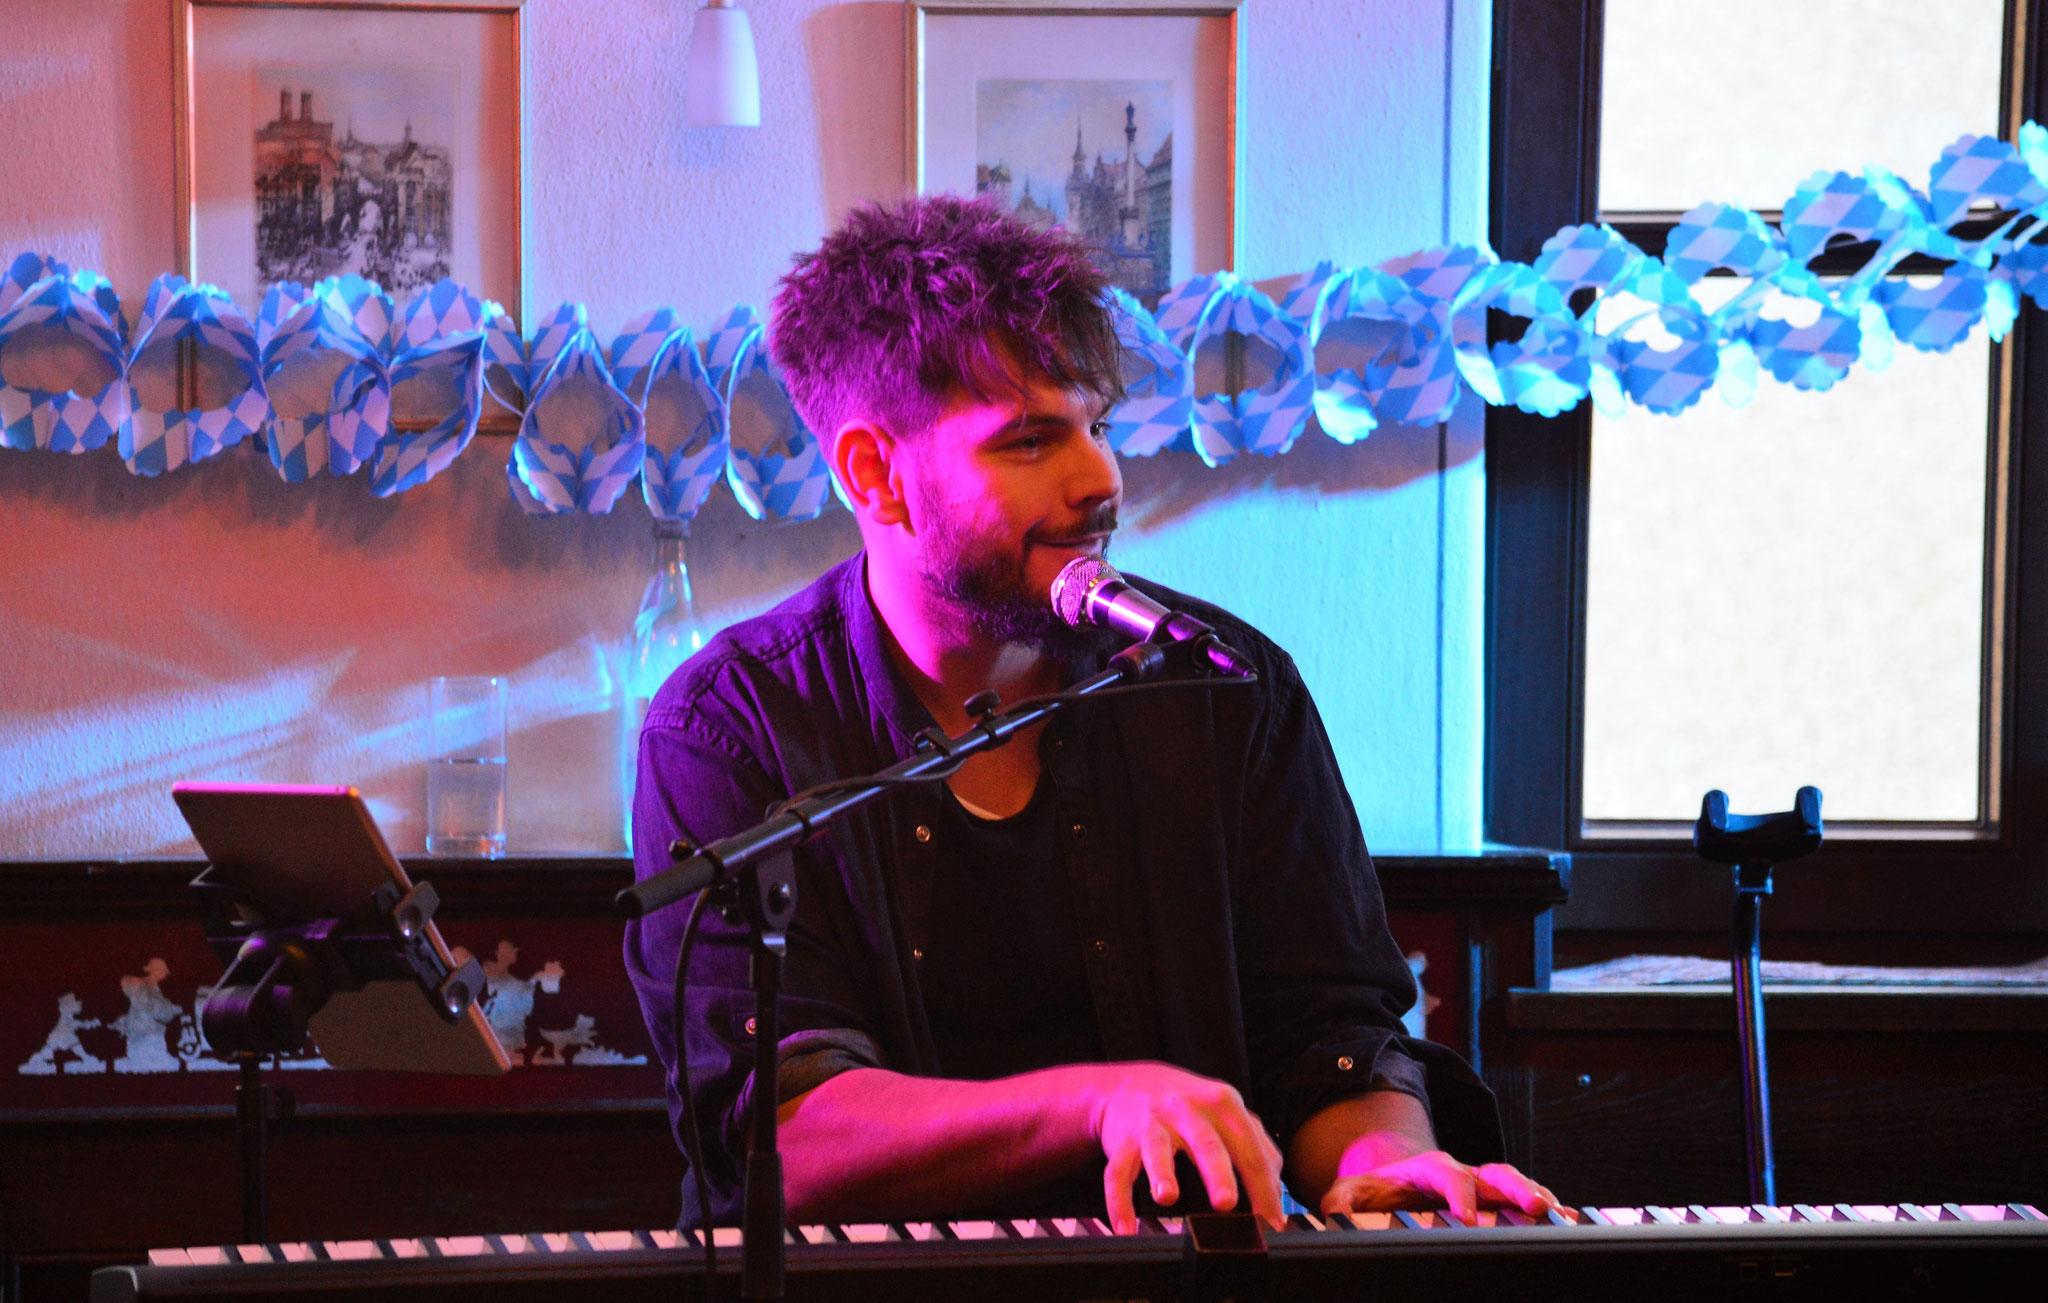 Der Singer-Songwriter begeistert mit seinen Kompositionen